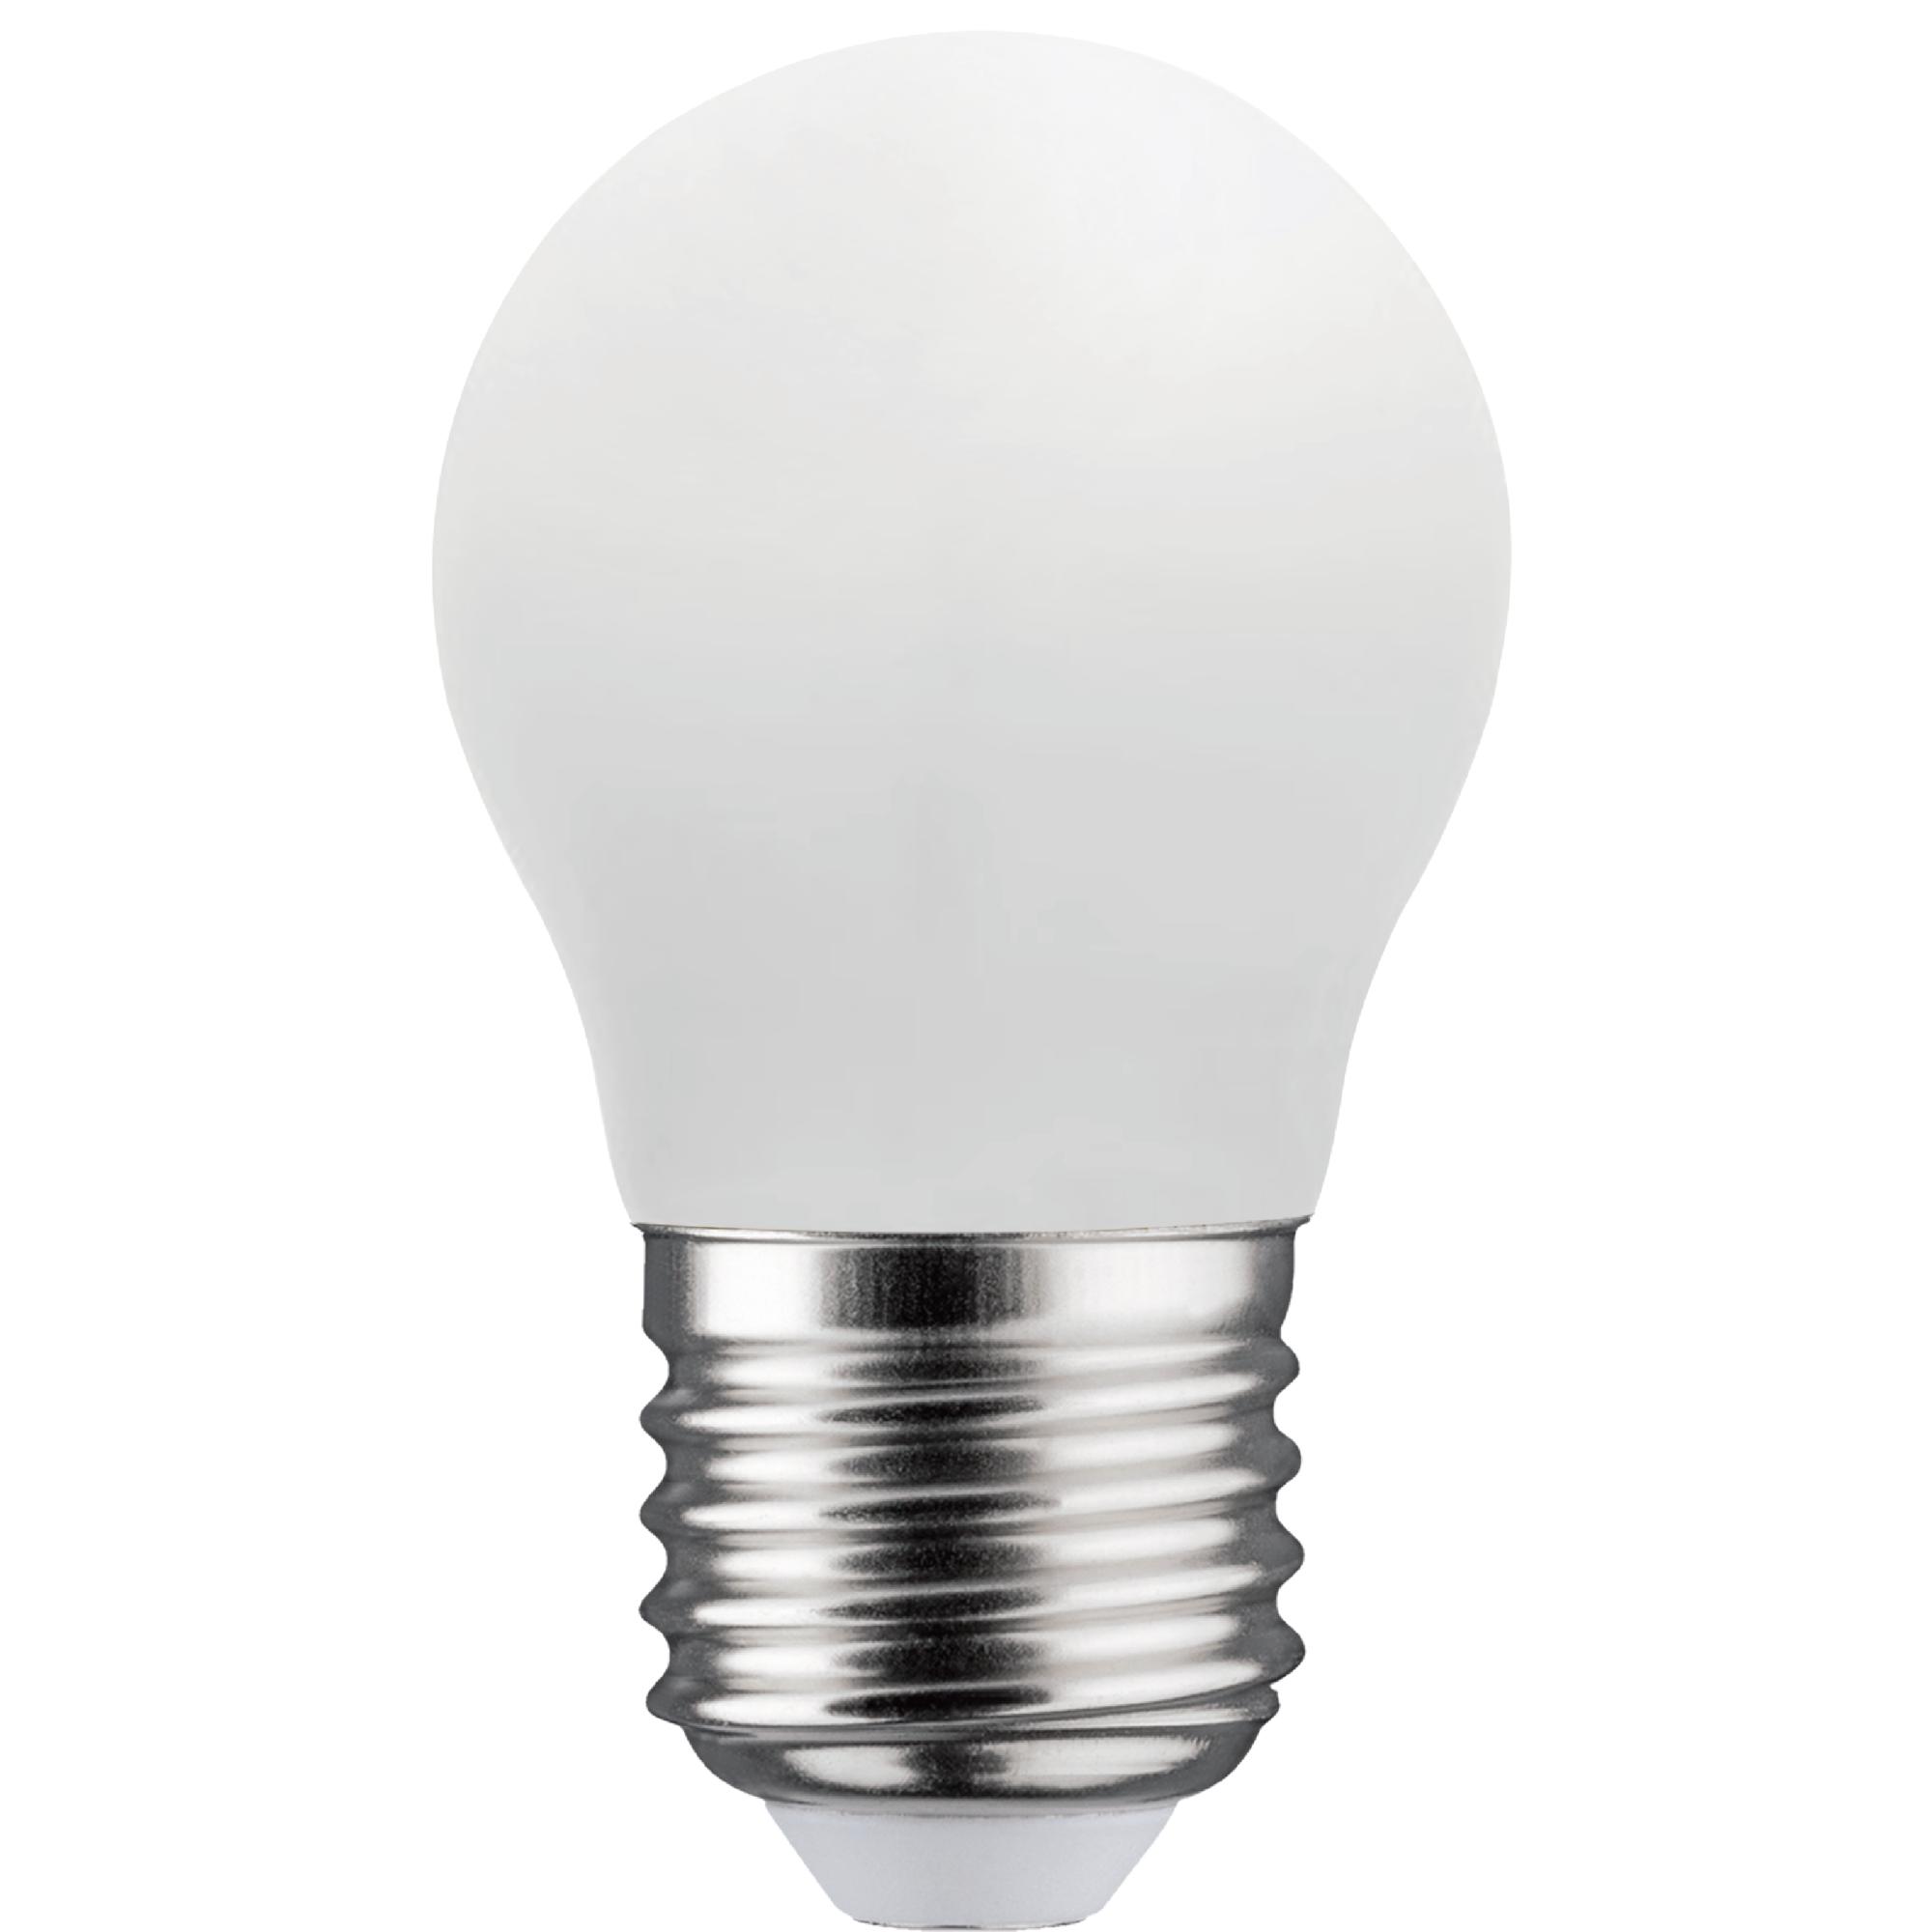 Лампа светодиодная филаментная Lexman E27 220 В 4.5 Вт шар матовый 470 лм тёплый белый свет